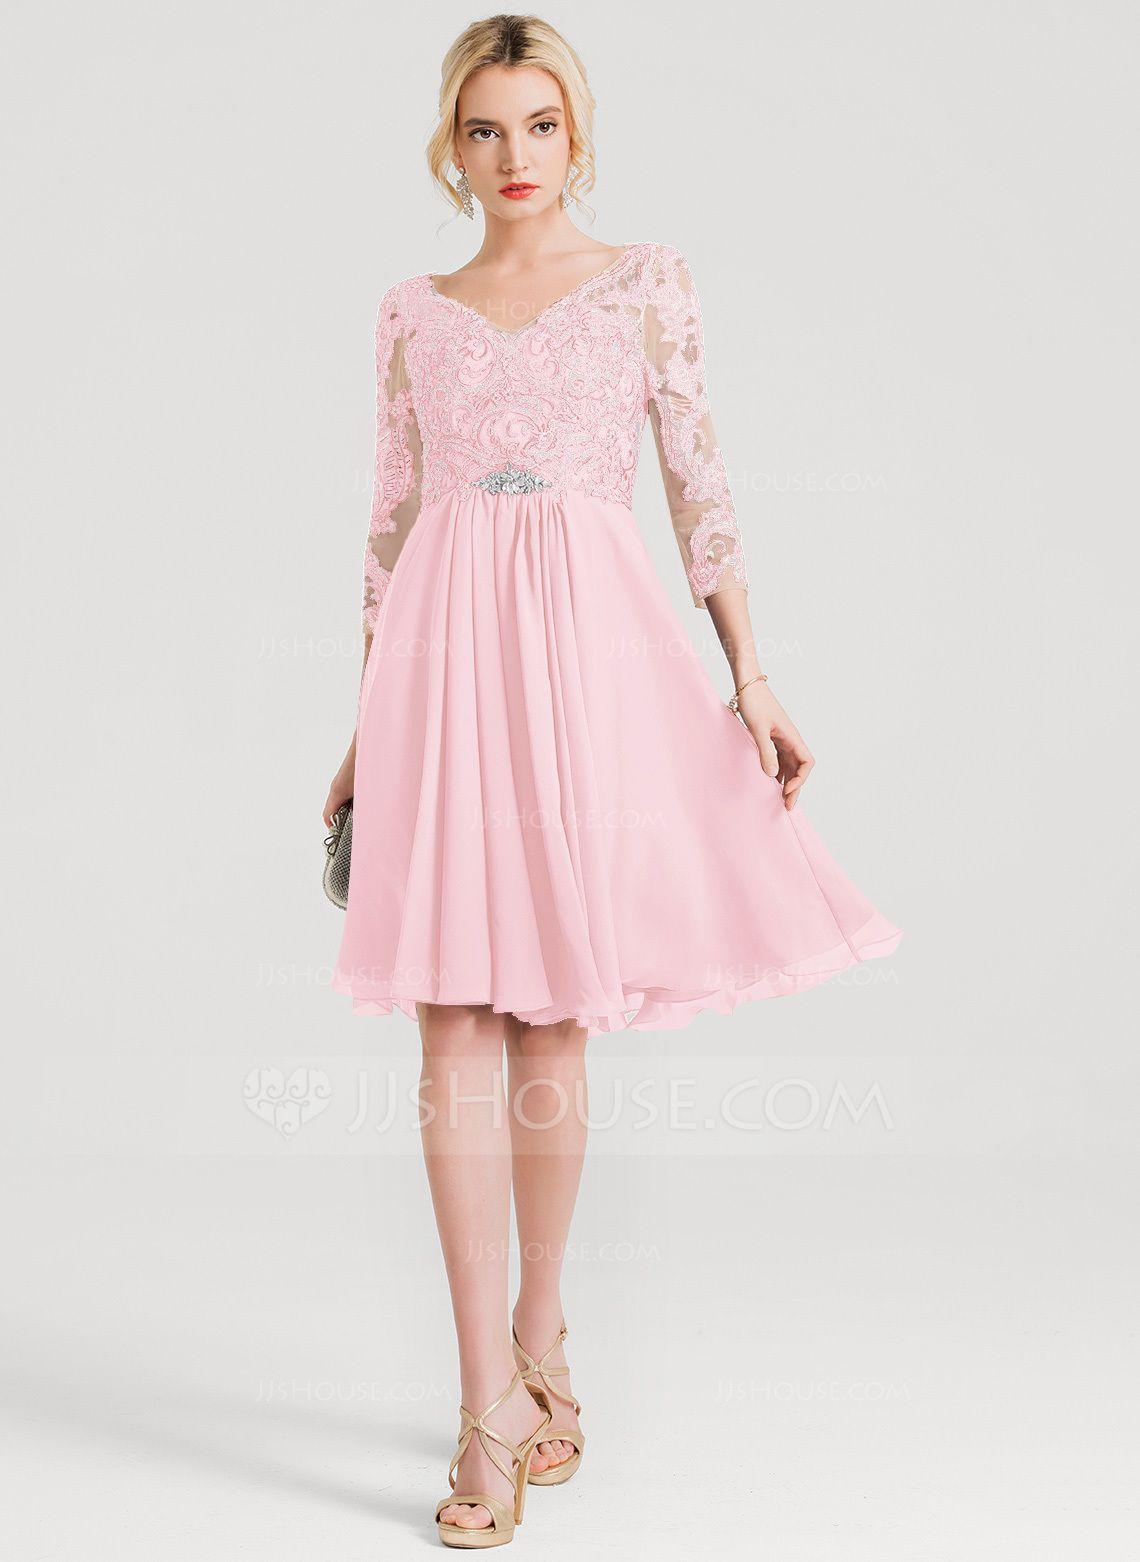 9e19e07bbf0b22 A-Line/Princess V-neck Knee-Length Chiffon Cocktail Dress With Beading  (016150446) - Cocktail Dresses - JJ's House